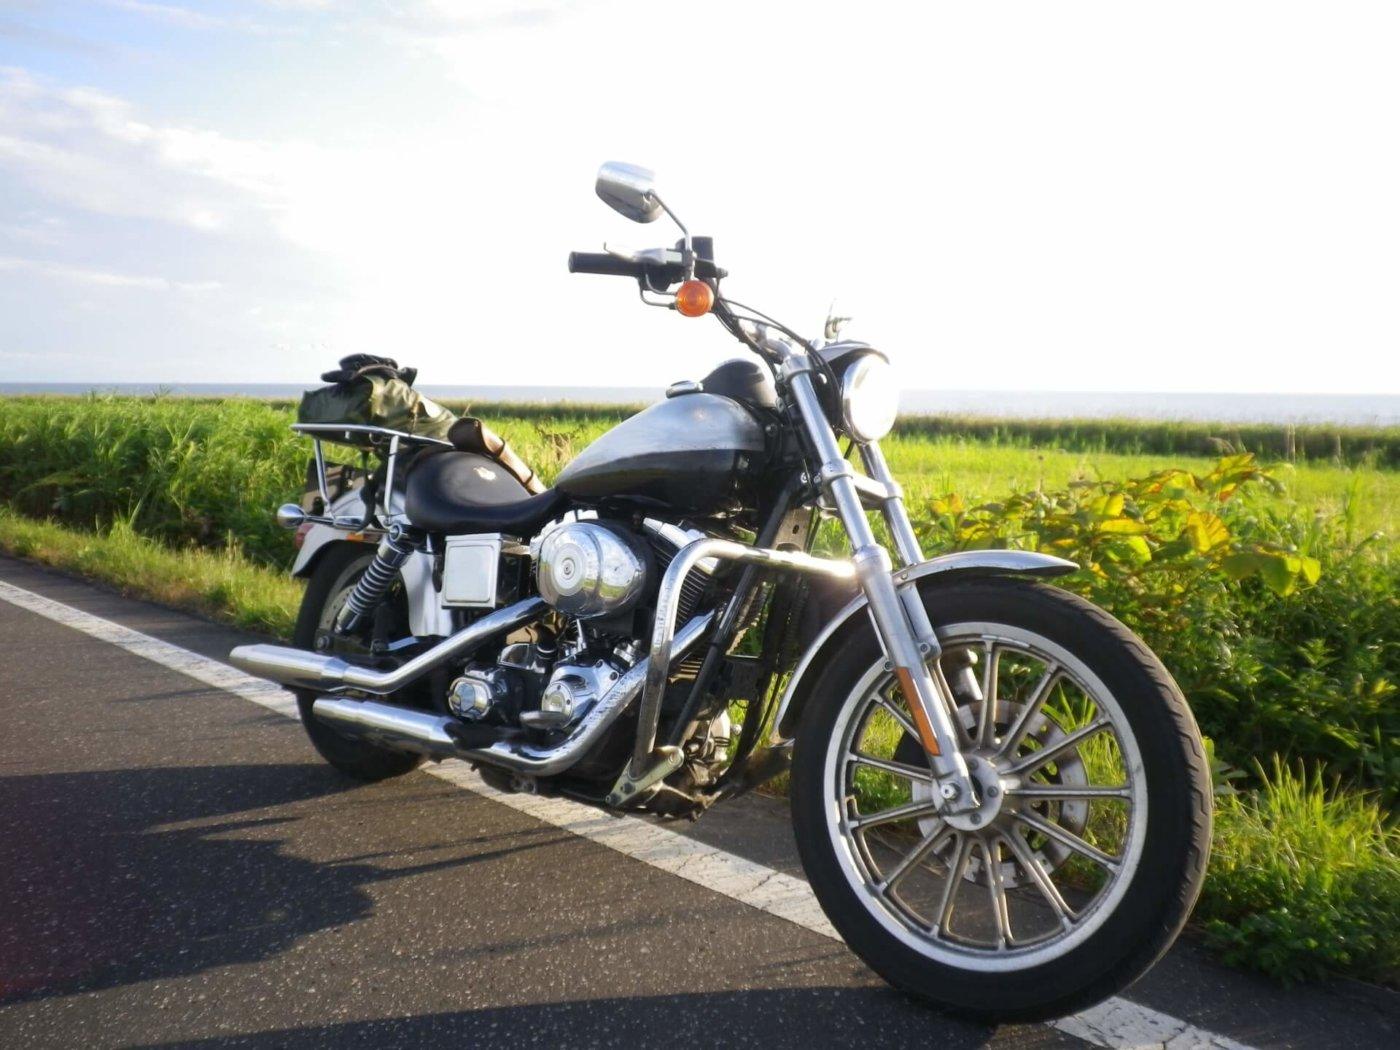 ツーリングにおすすめの250ccバイクをご紹介!